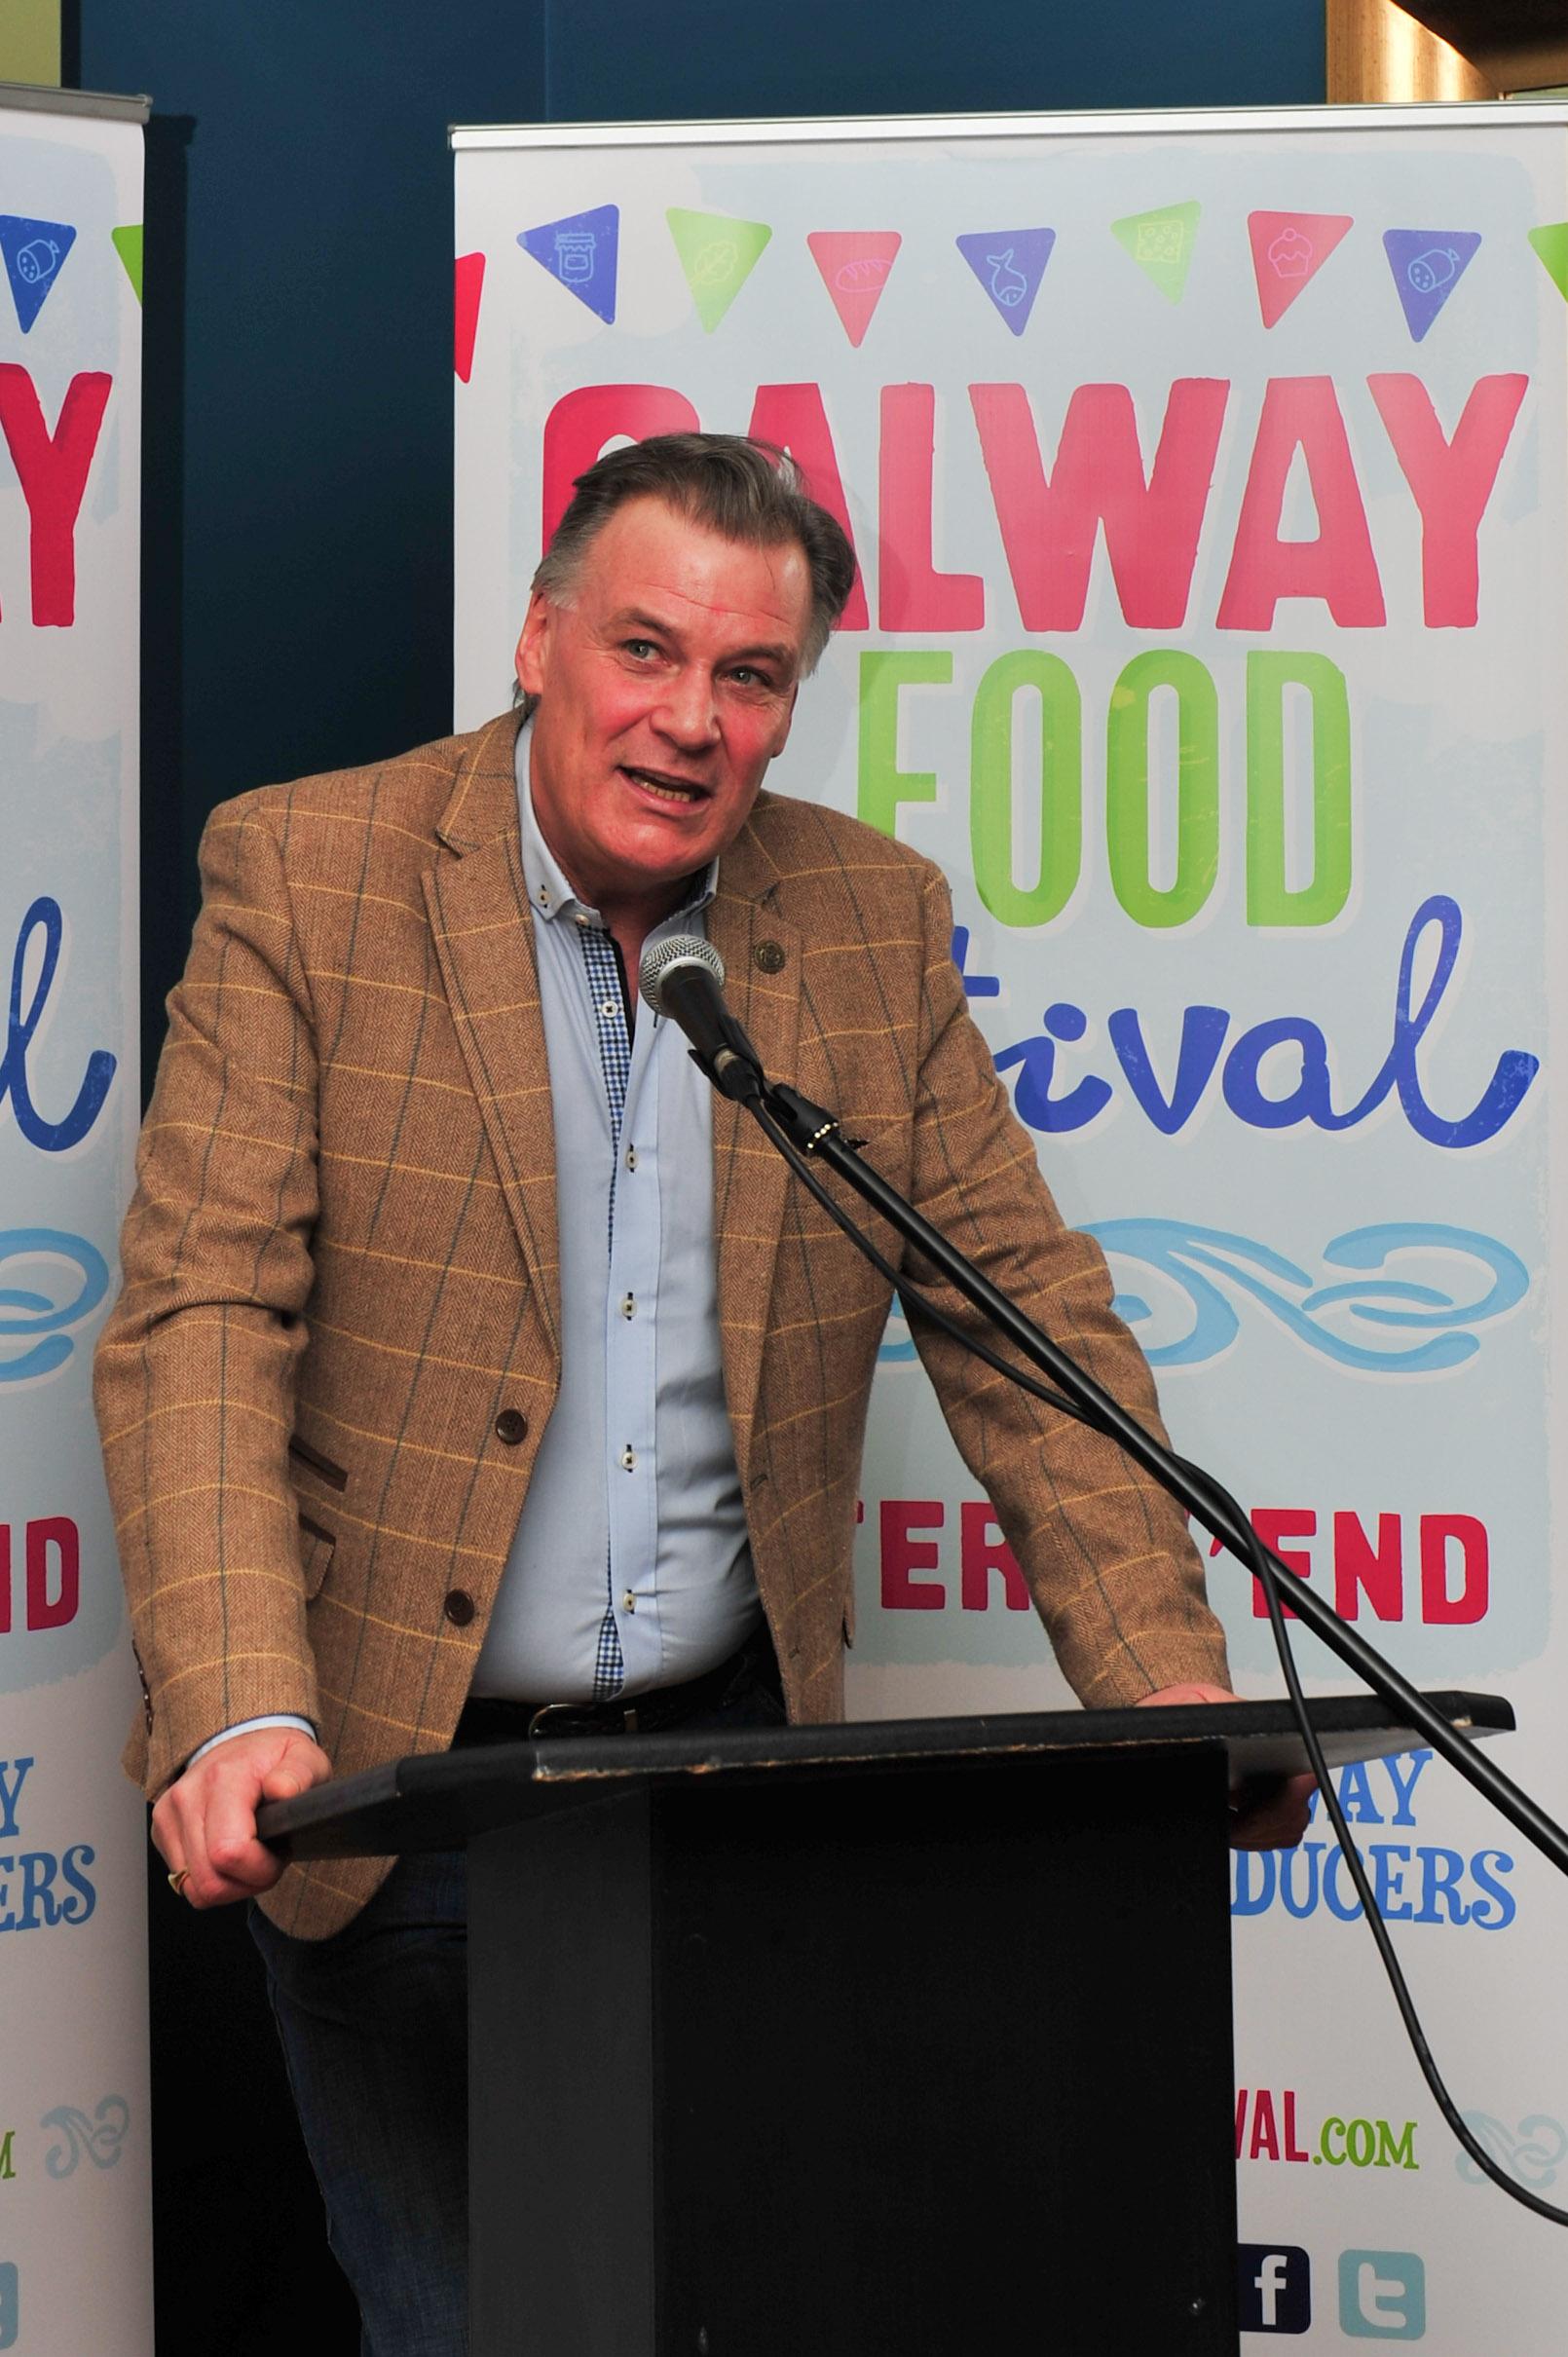 Galway Food Festival 2015 All-64.jpg